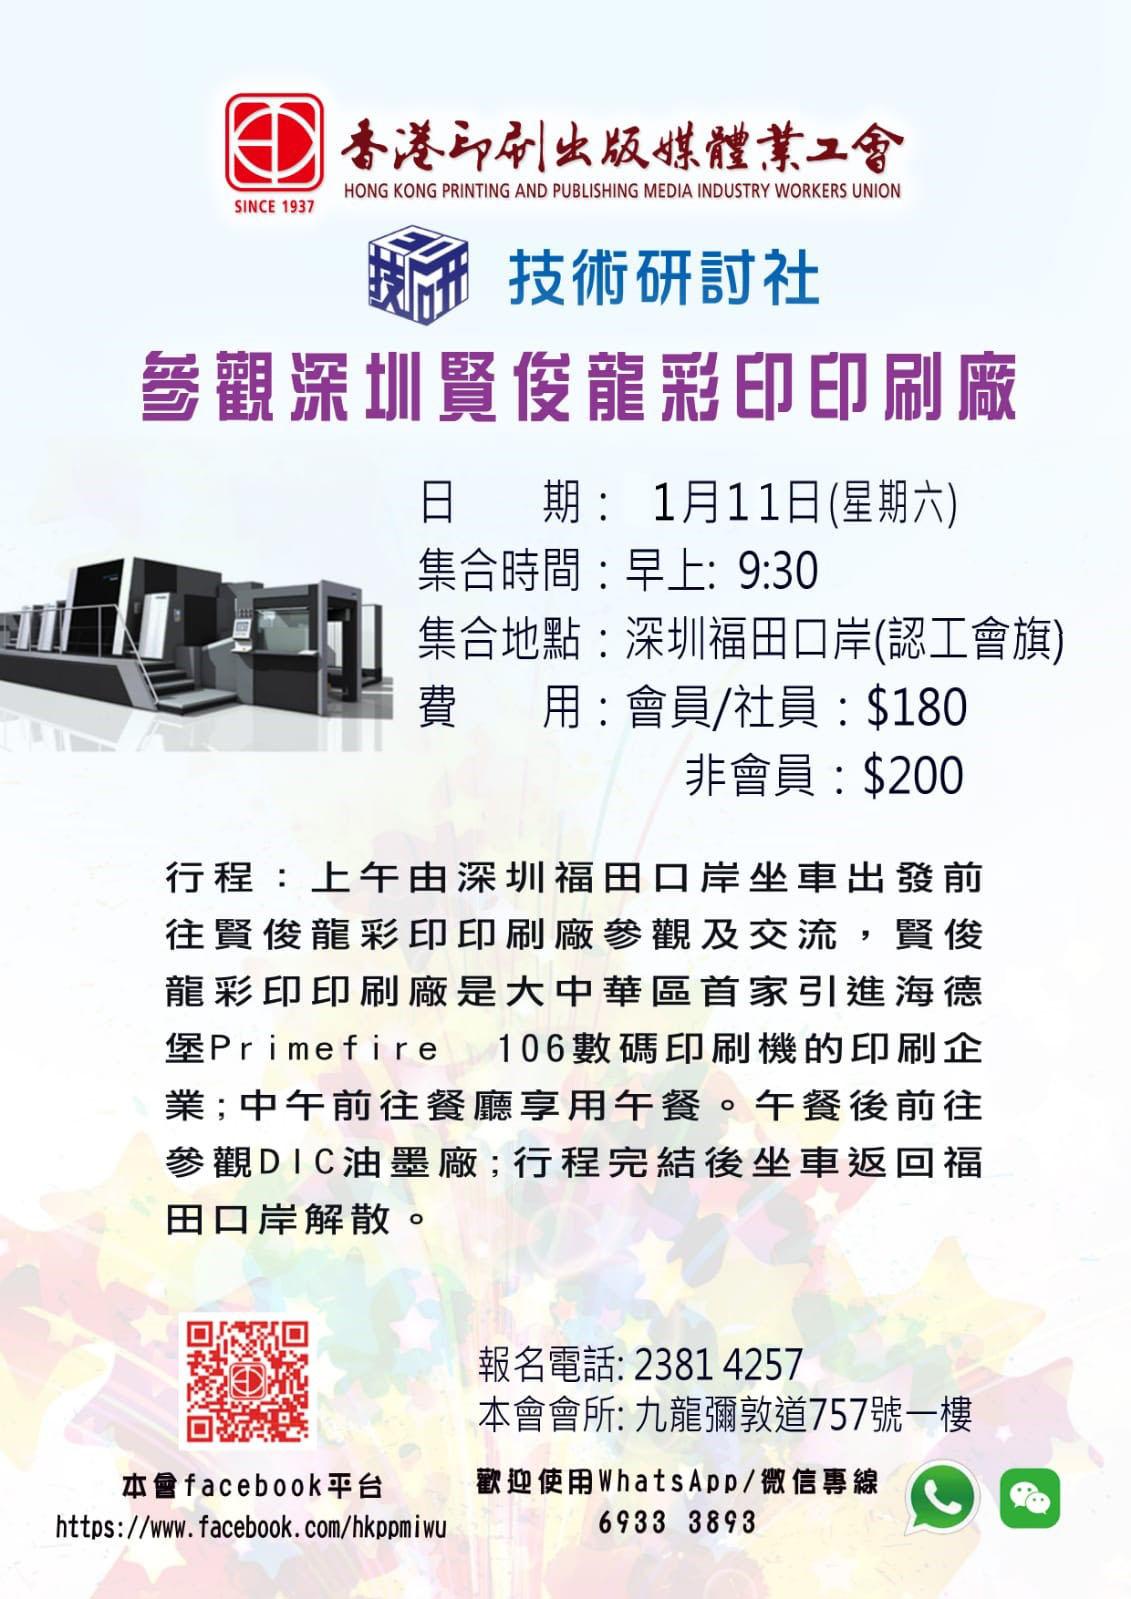 技研社活動2019 – 香港印刷出版媒體業工會